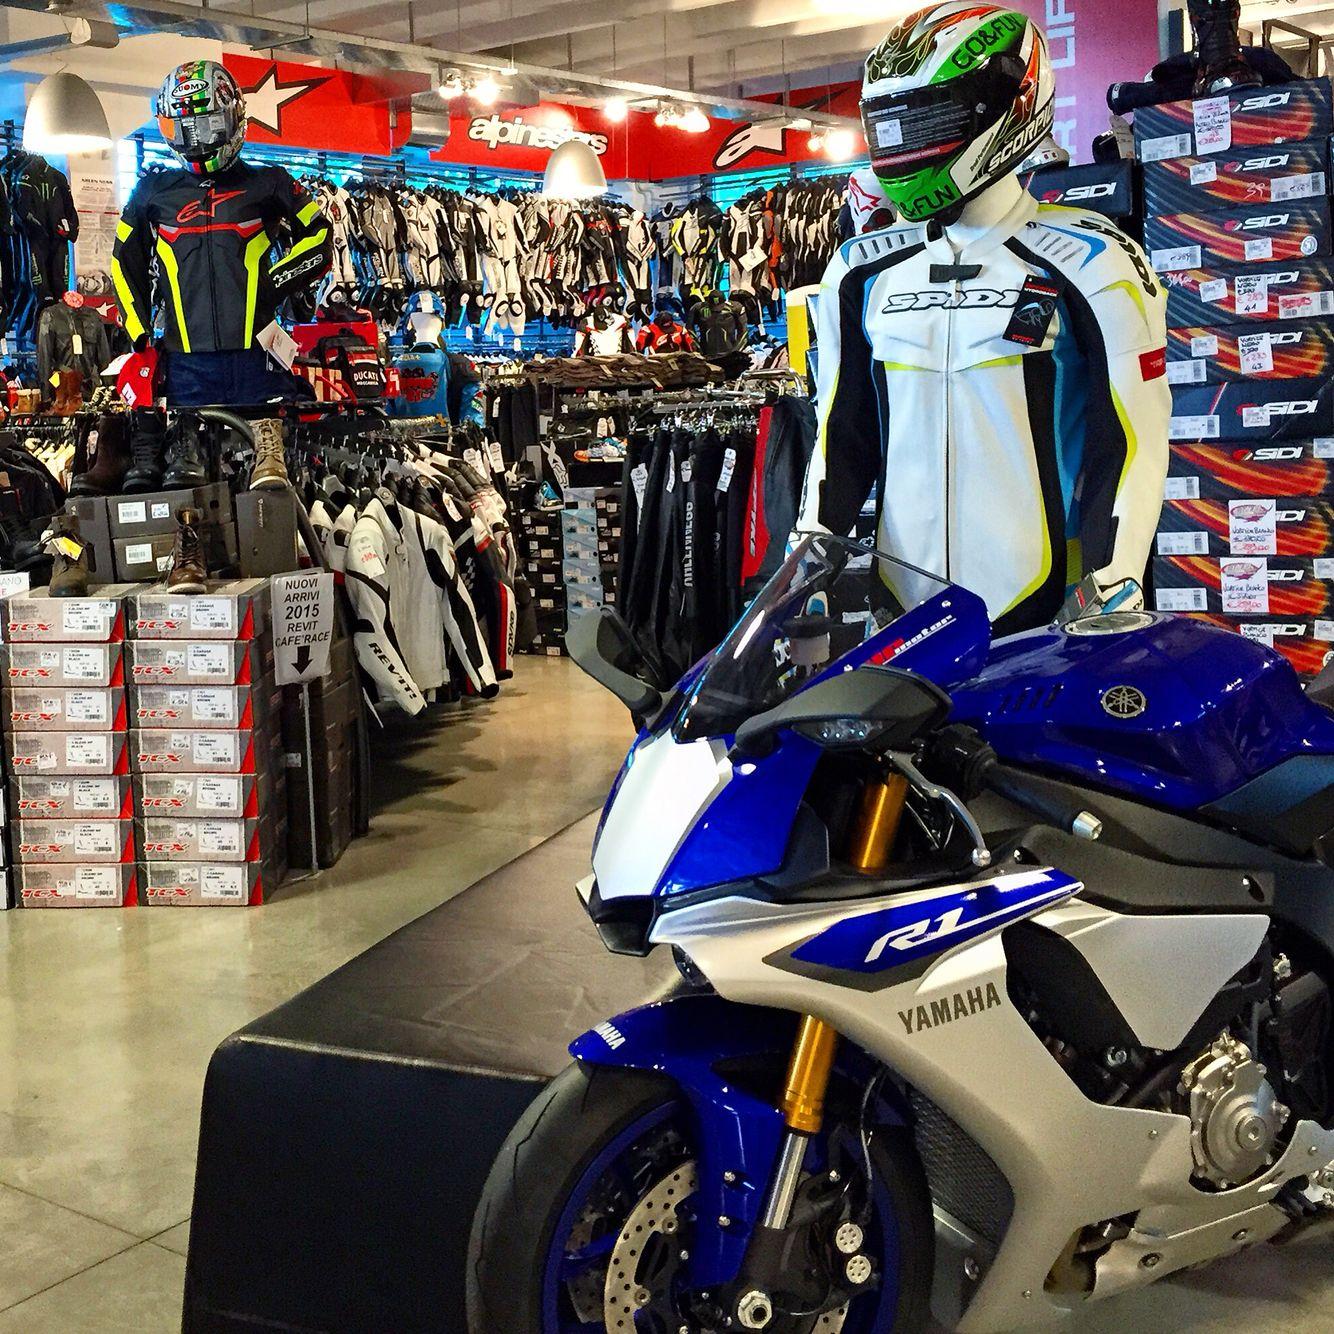 New #Yamaha R1 at #Megastore #Valerisport!!! We wait you